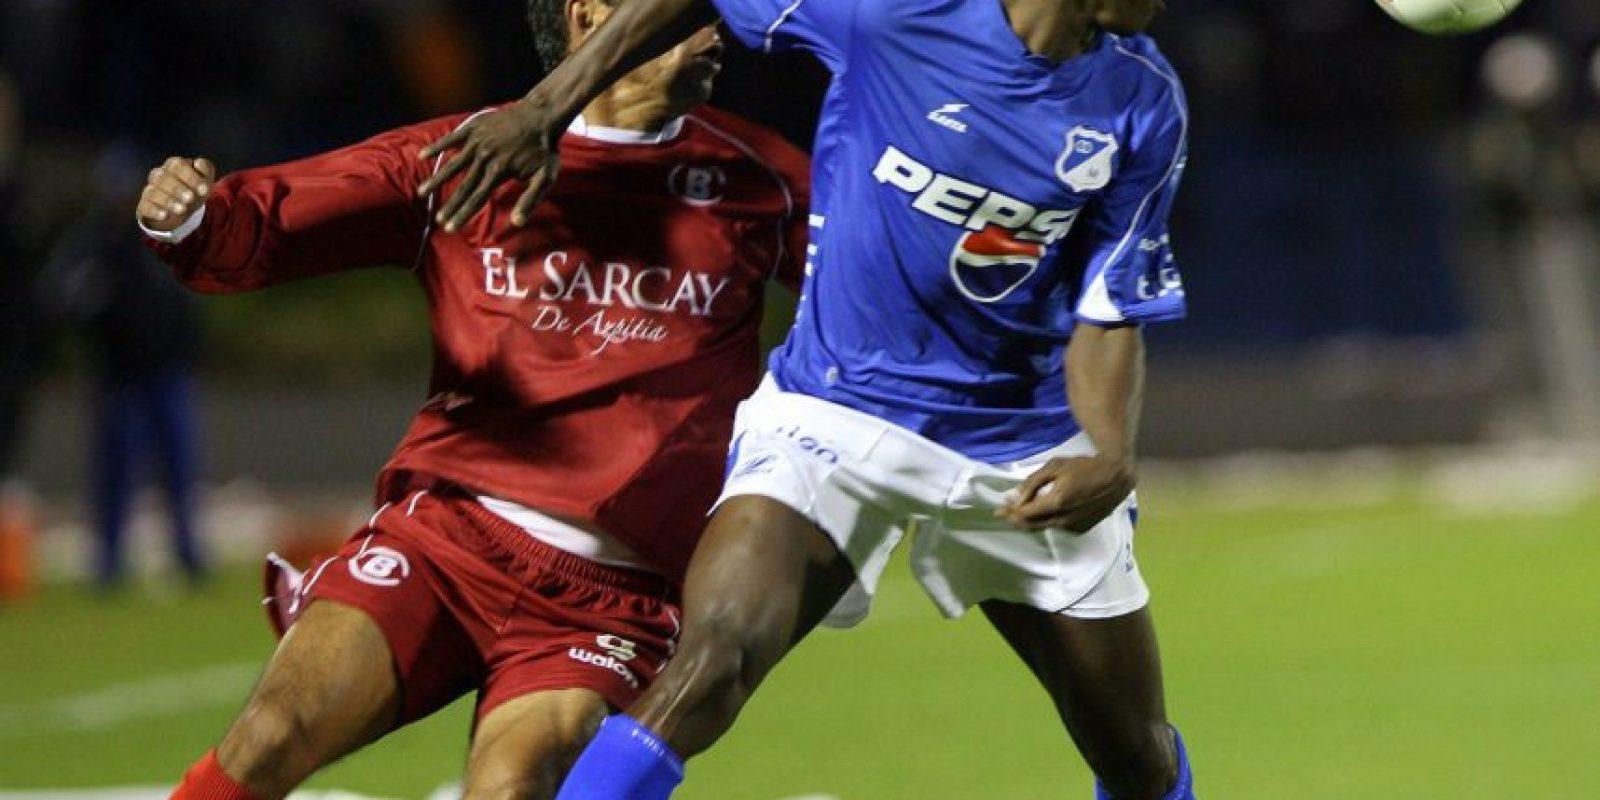 Con Millonarios disputó la Copa Sudamericana 2007, en la que llegó a semifinales Foto:EFE